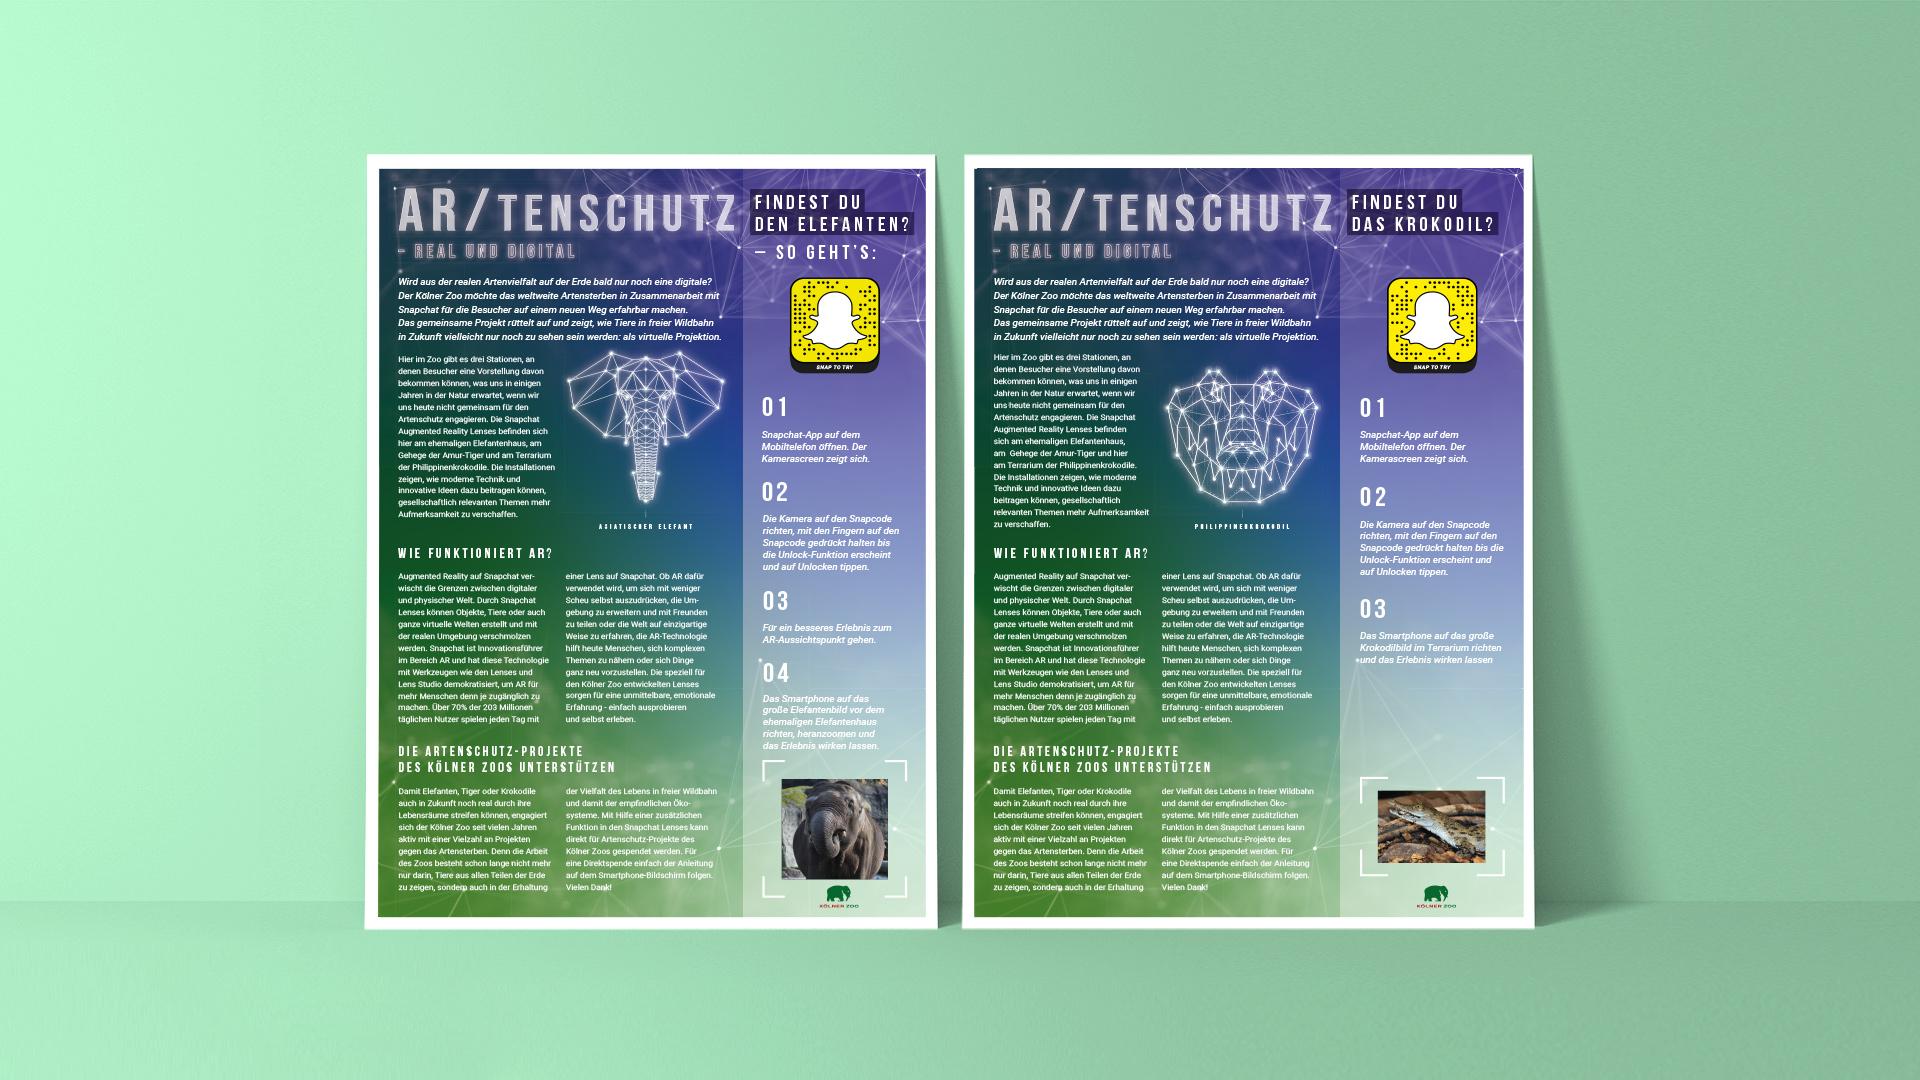 AR/TENSCHUTZ Poster Koelner Zoo Krokodil und Elefant